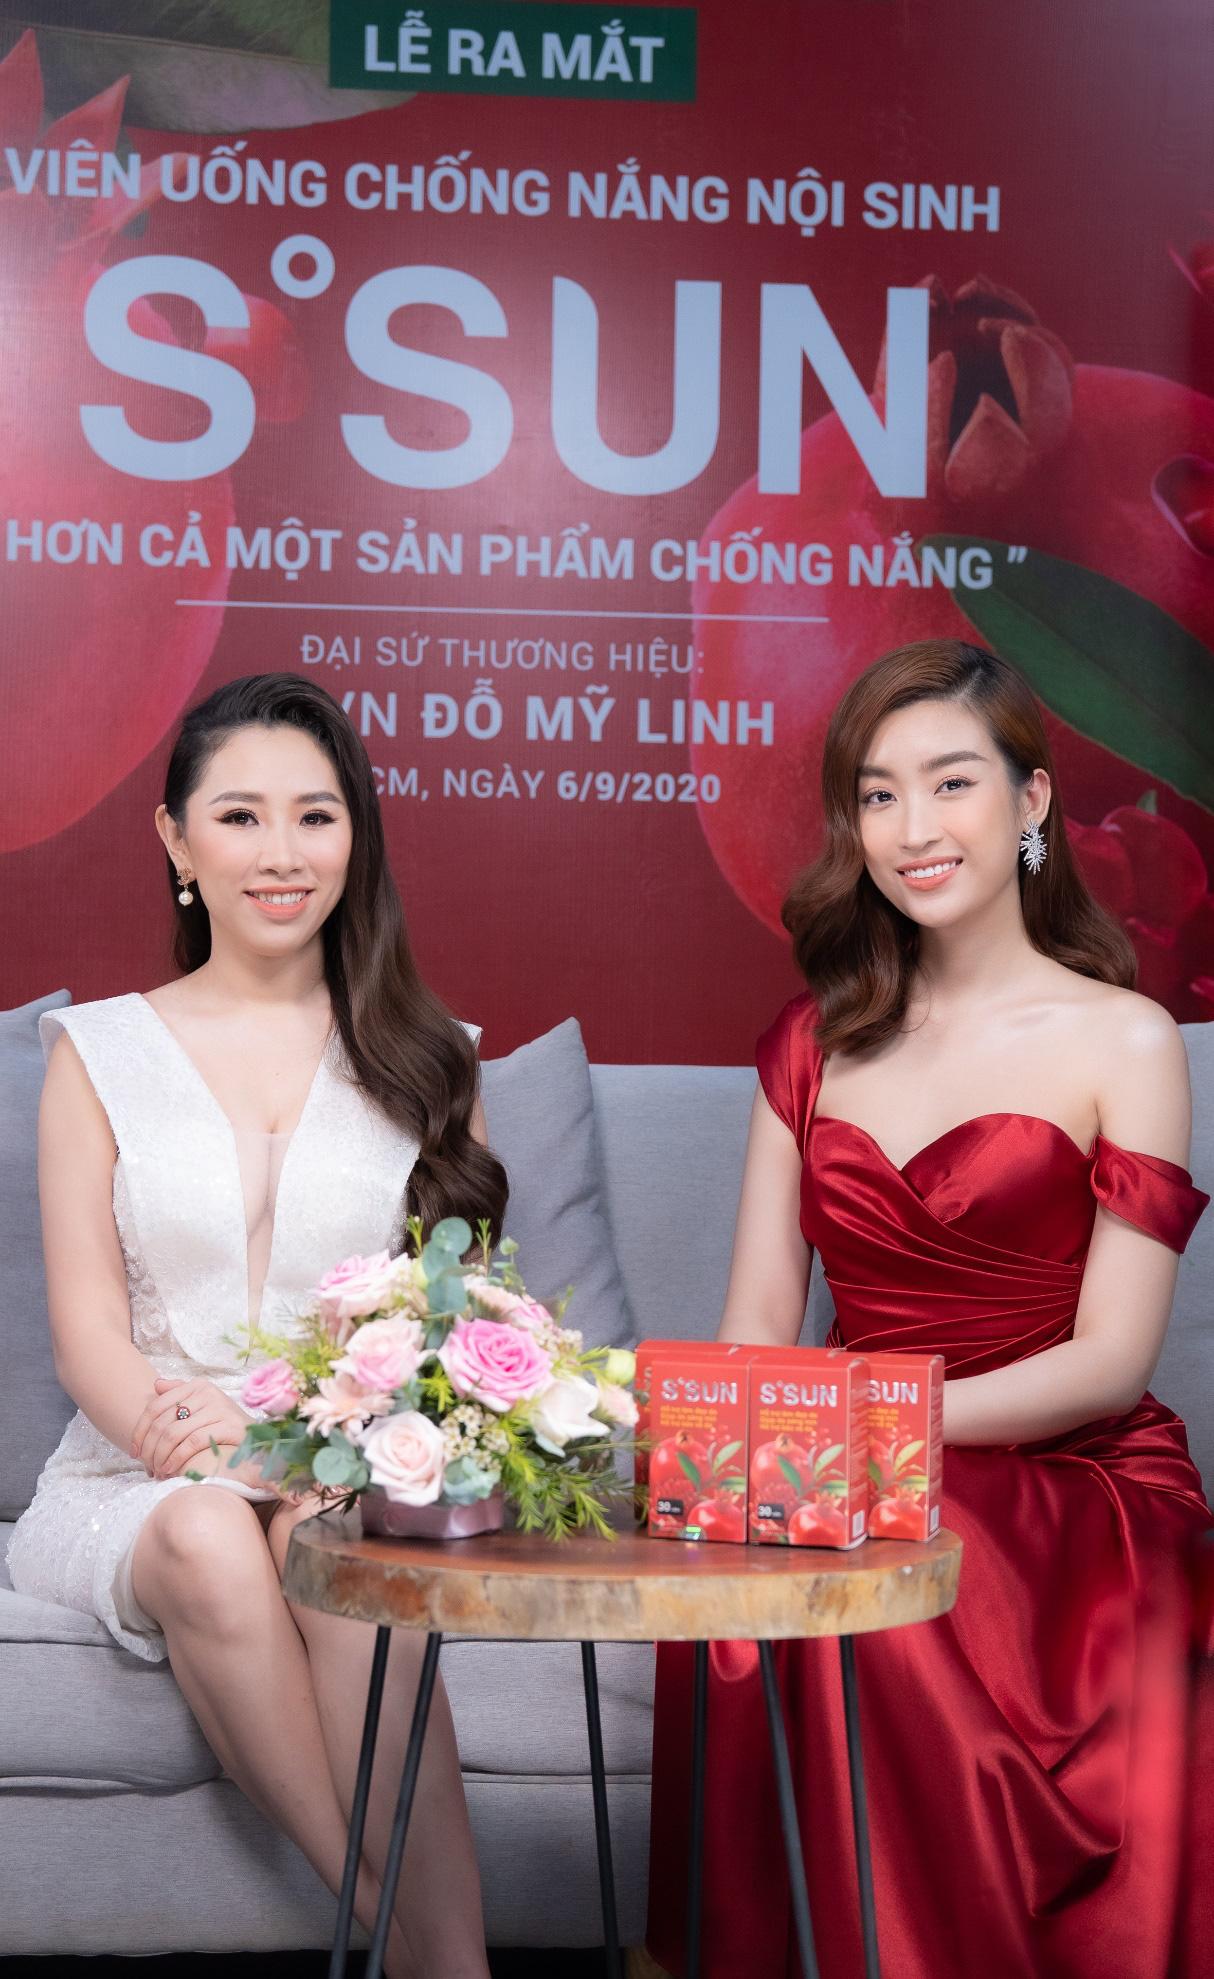 Hoa hậu Đỗ Mỹ Linh livestream chia sẻ bí quyết chăm sóc da từ TPBVSK S'SUN - Ảnh 2.